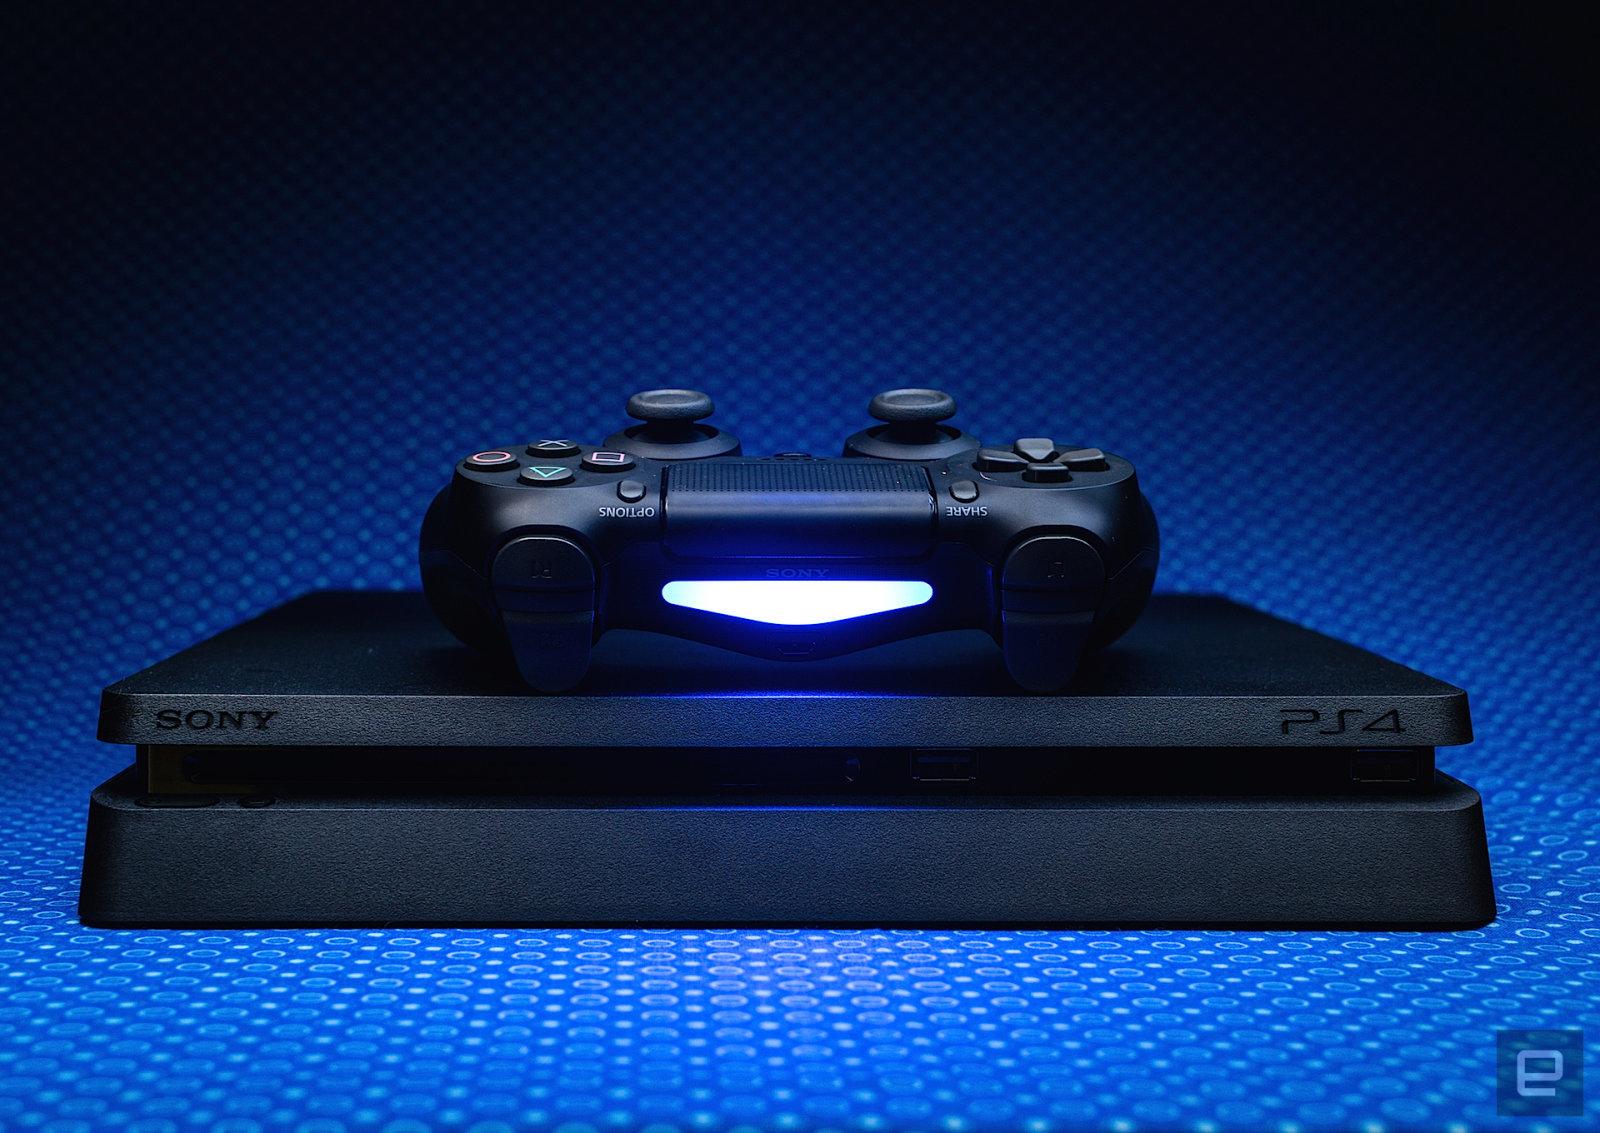 Sony Playstation Holiday